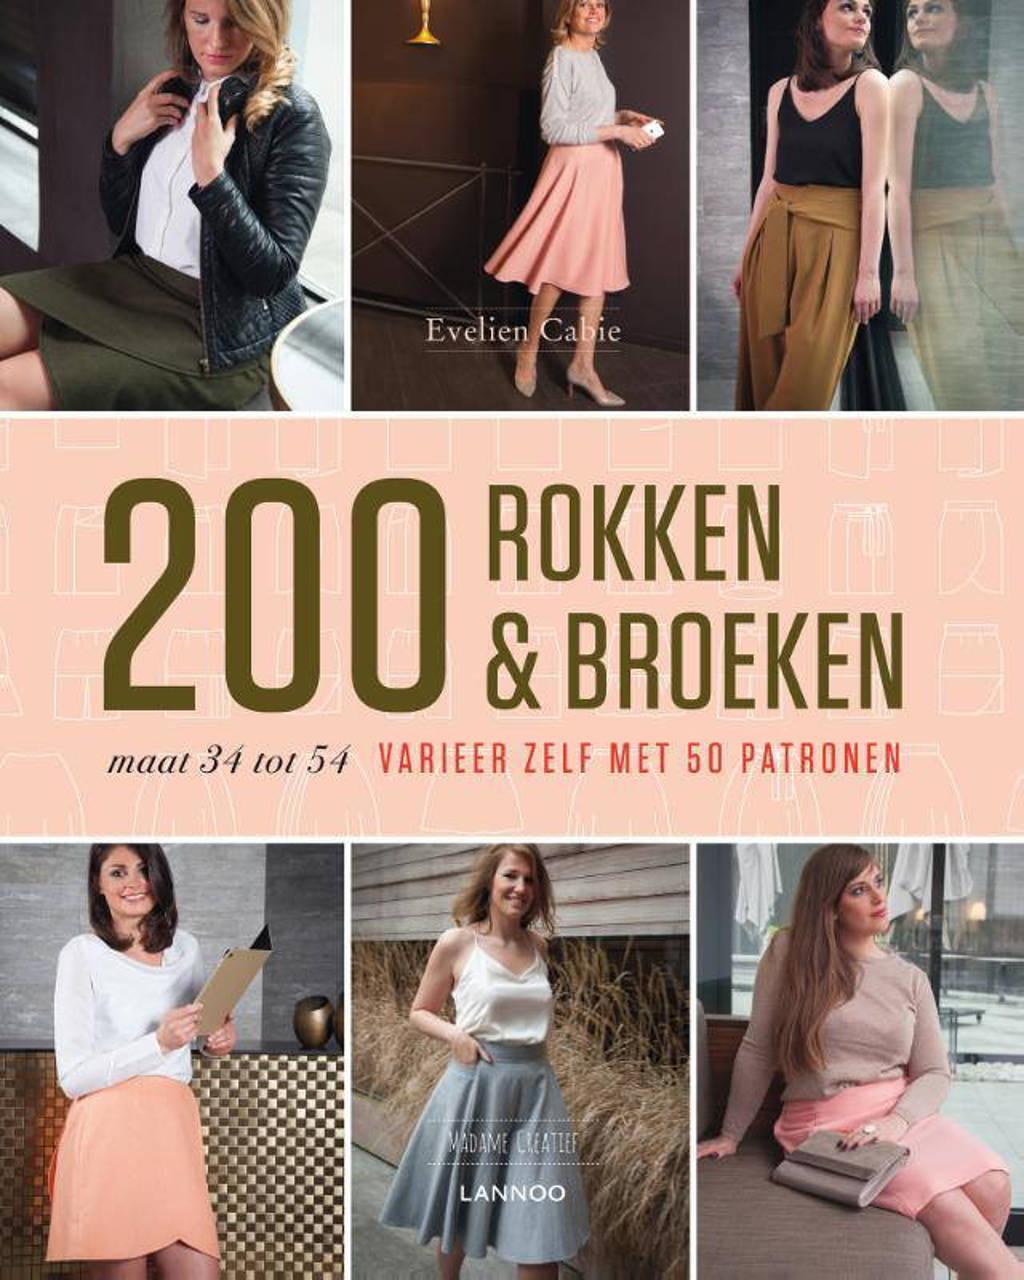 200 rokken & broeken - Evelien Cabie